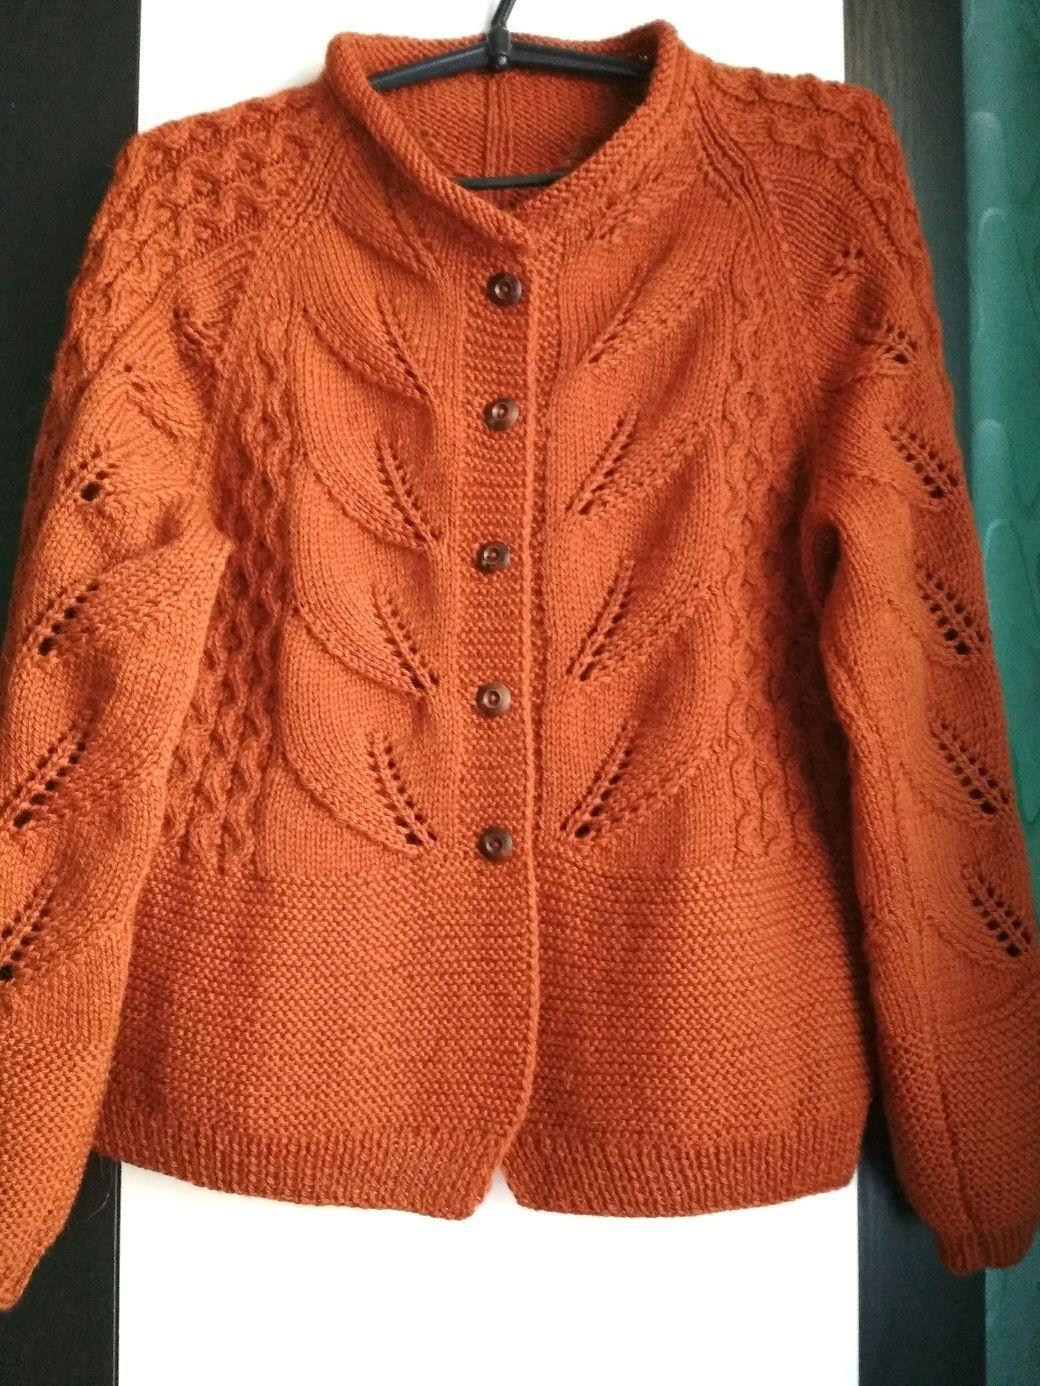 Bestellen Bluse aus Wolle gestrickt Herbst Winter  – Вязание